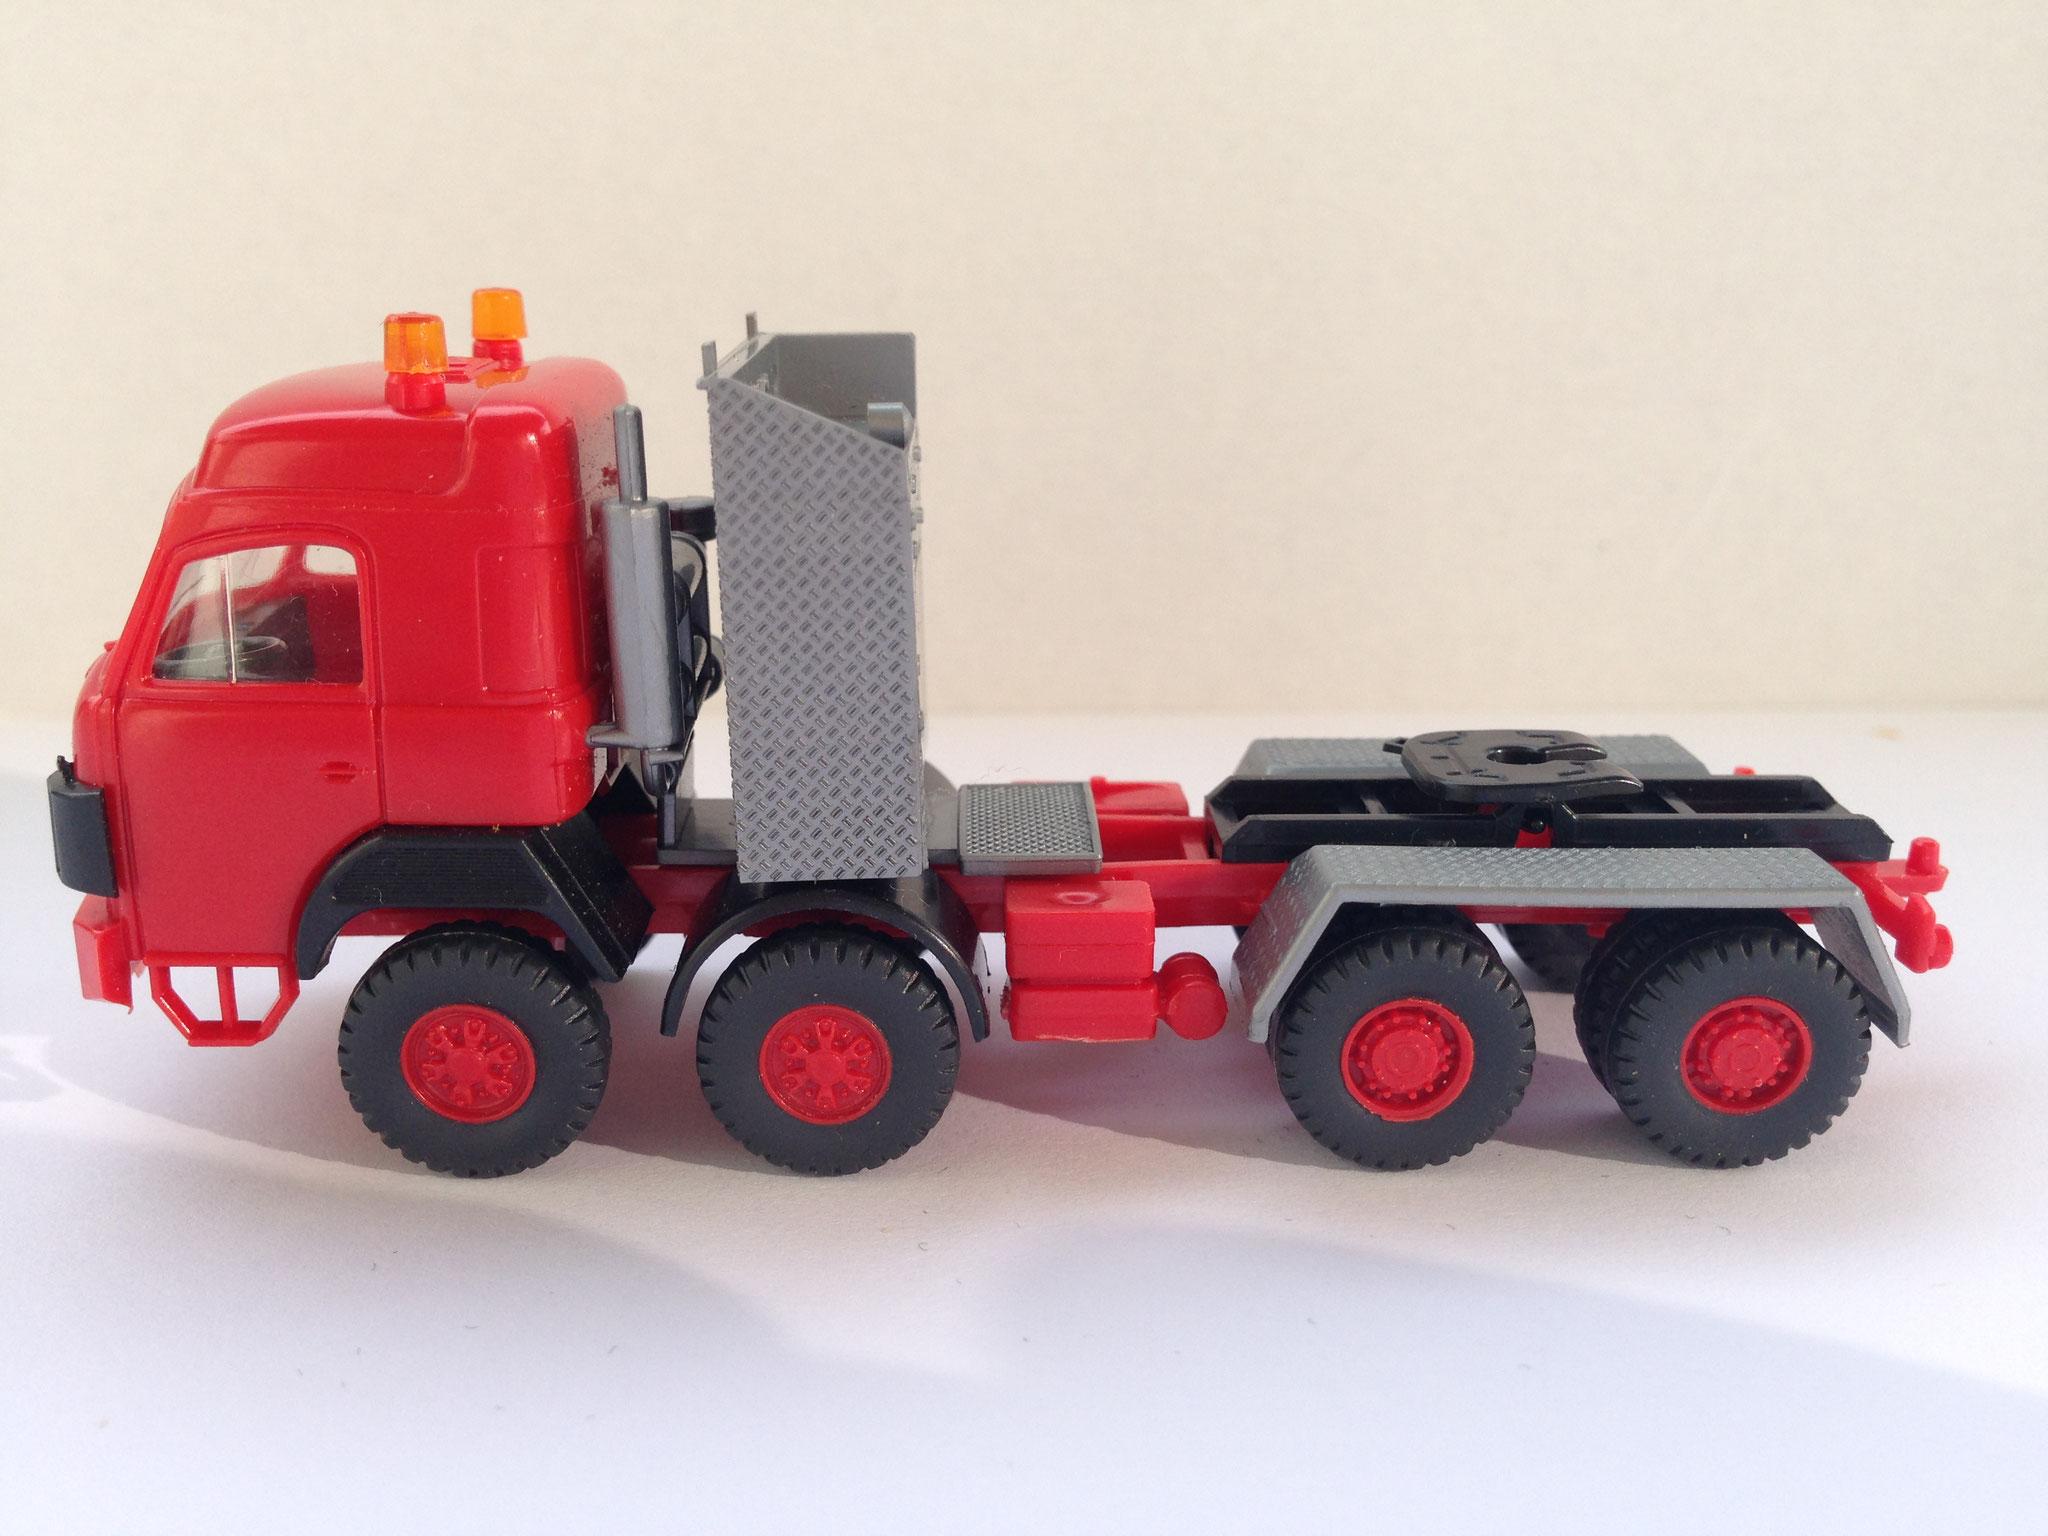 4-Achser Schwerlast-Zugmaschine, Art. Nr. 847 (Neuauflage ab ca. 1992 im Programm)